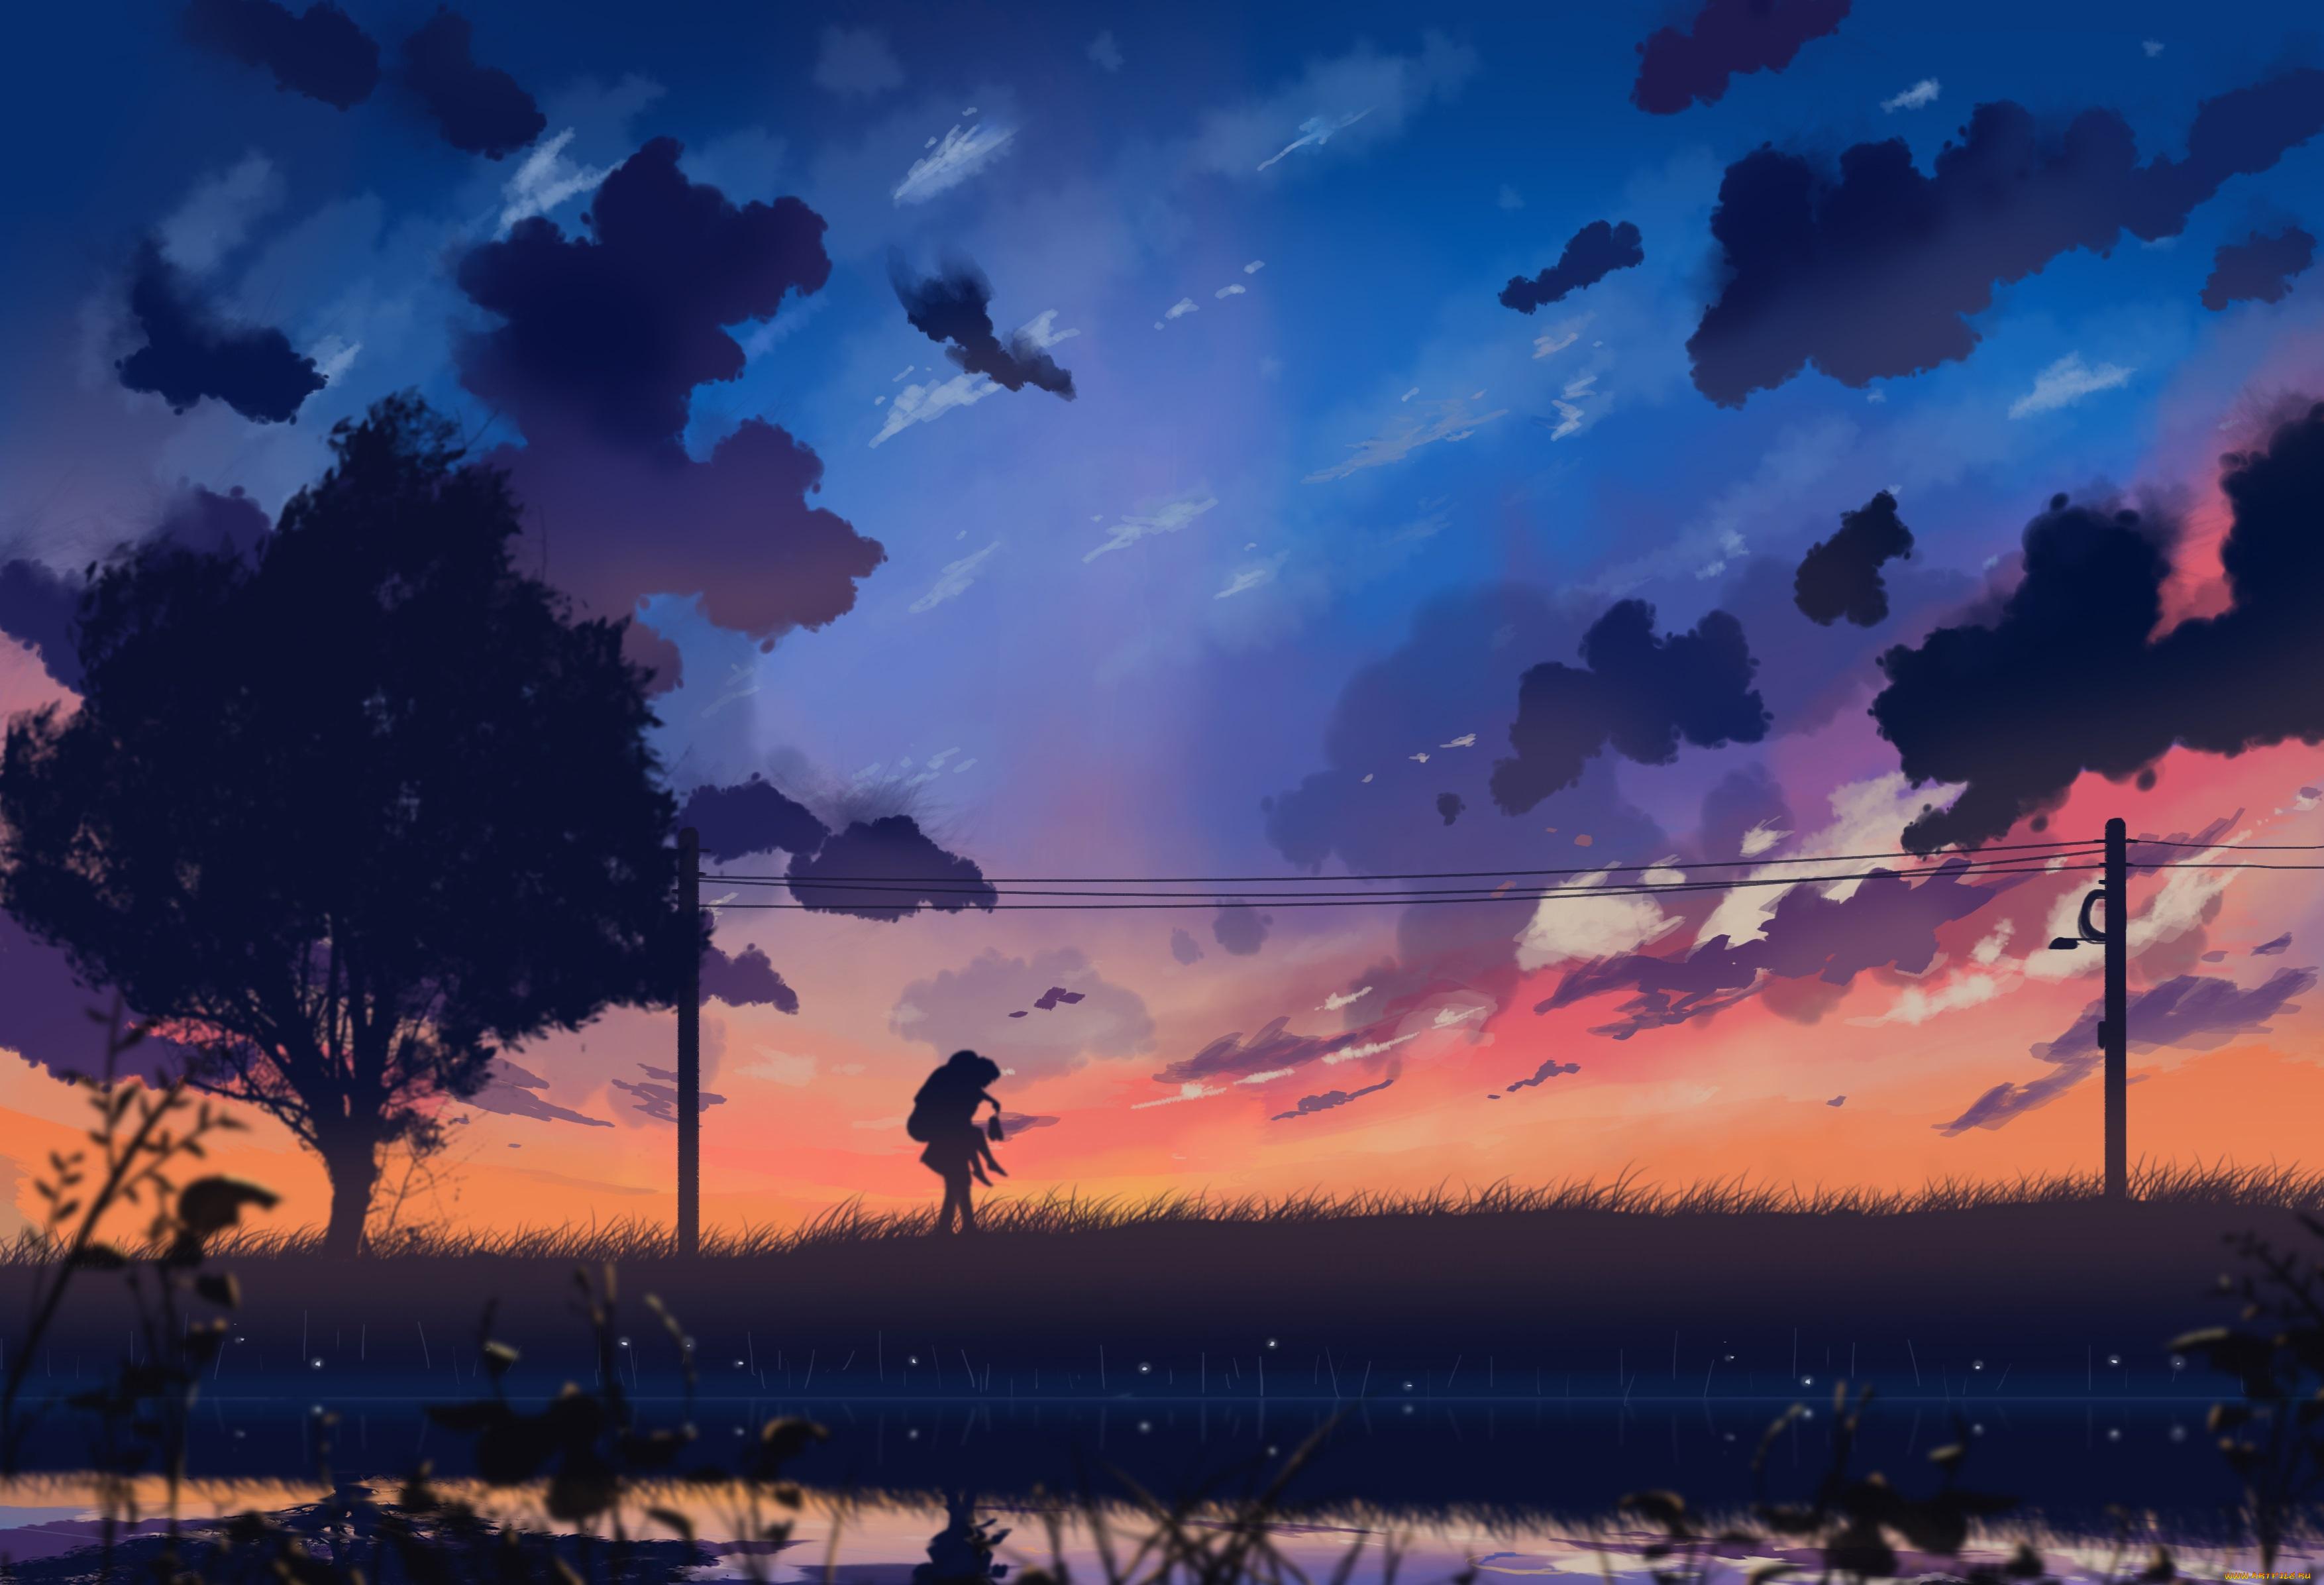 аниме, закат, цветочная поляна без смс